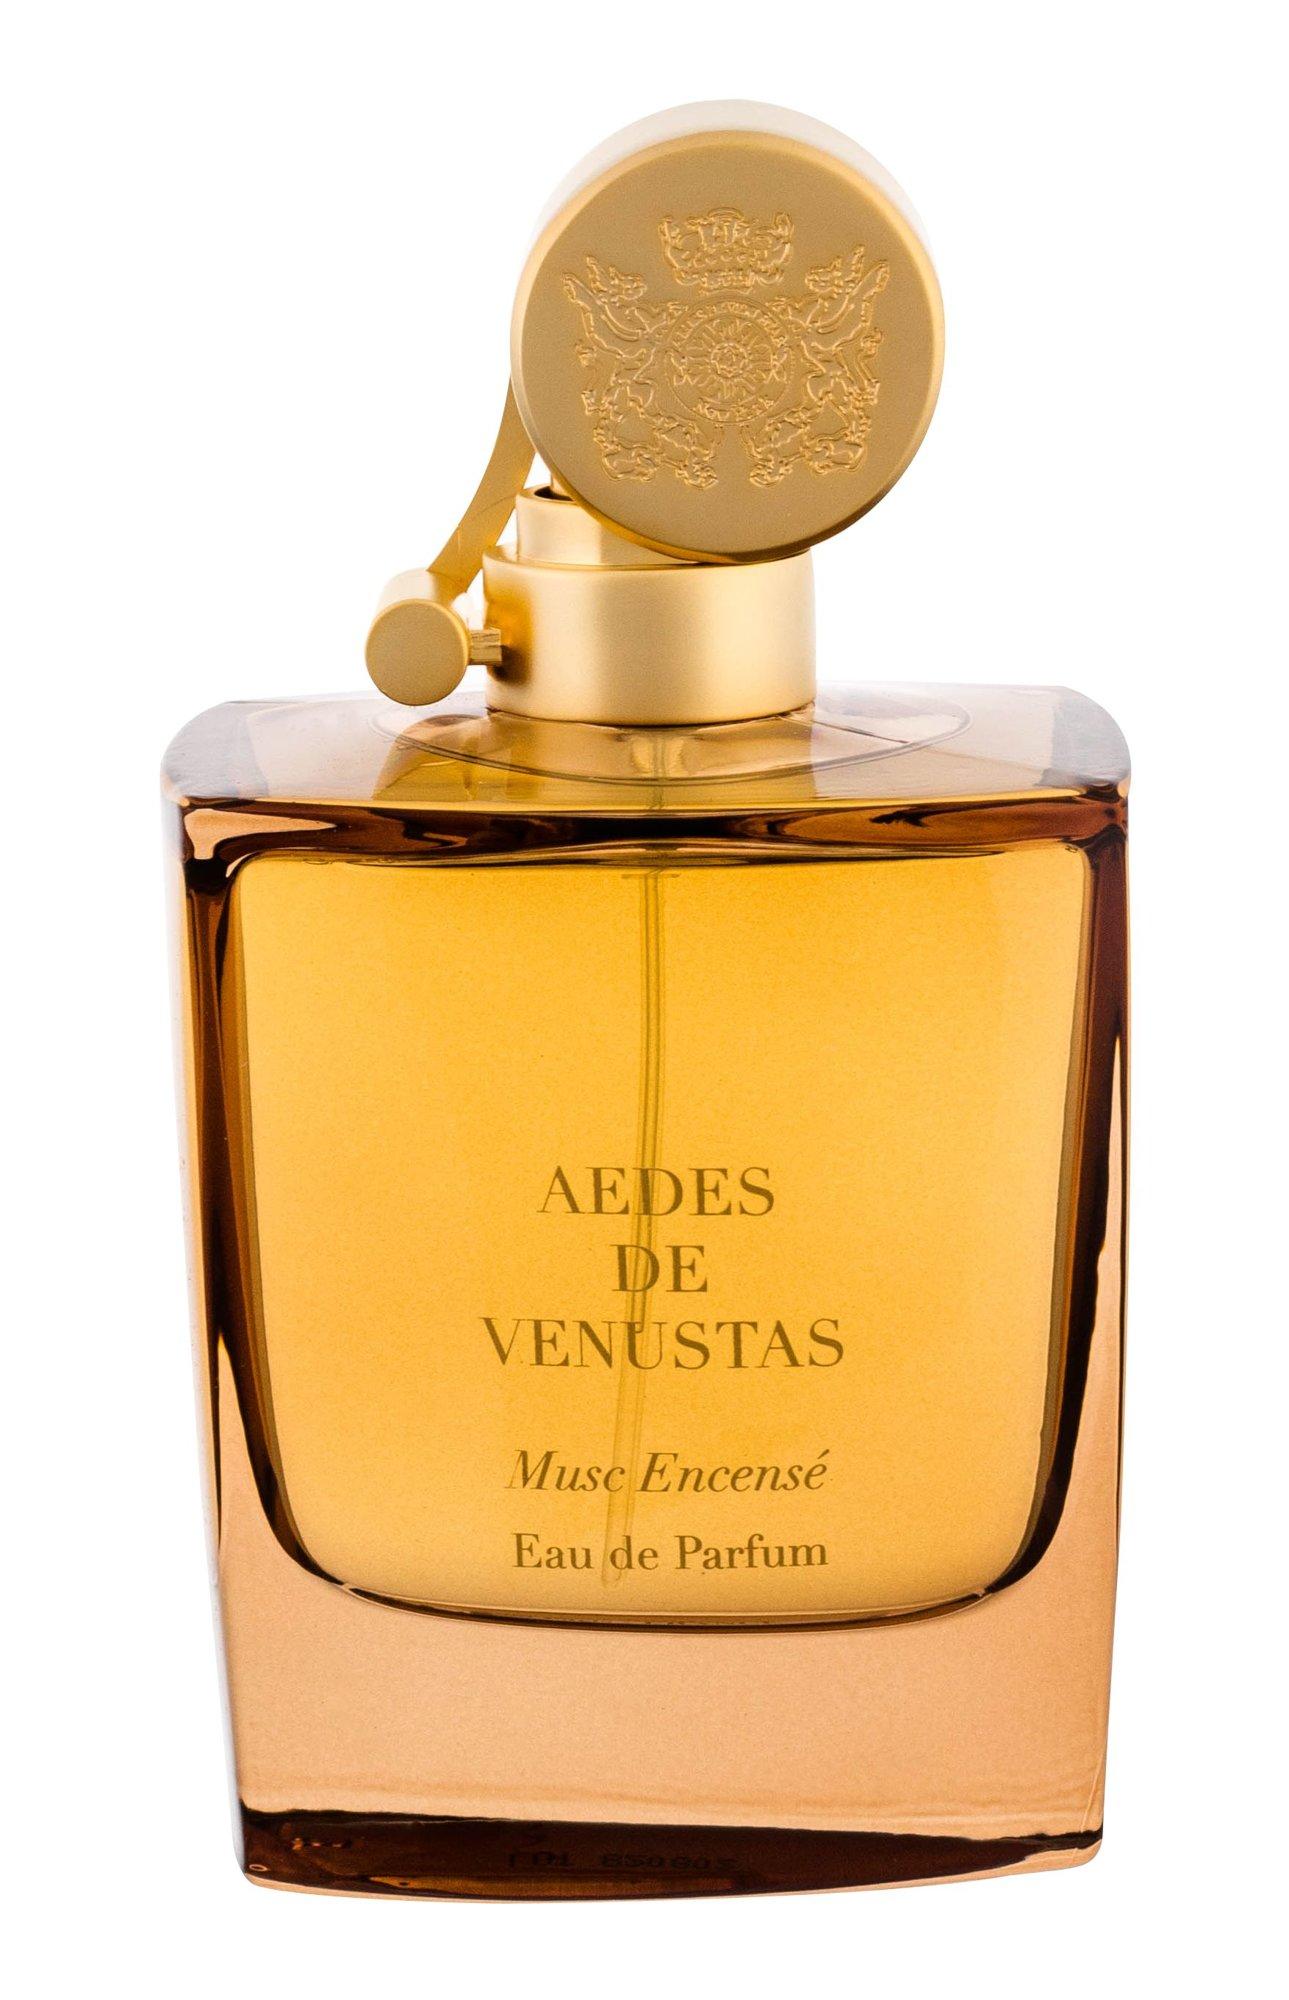 Aedes de Venustas Musc Encense Eau de Parfum 100ml